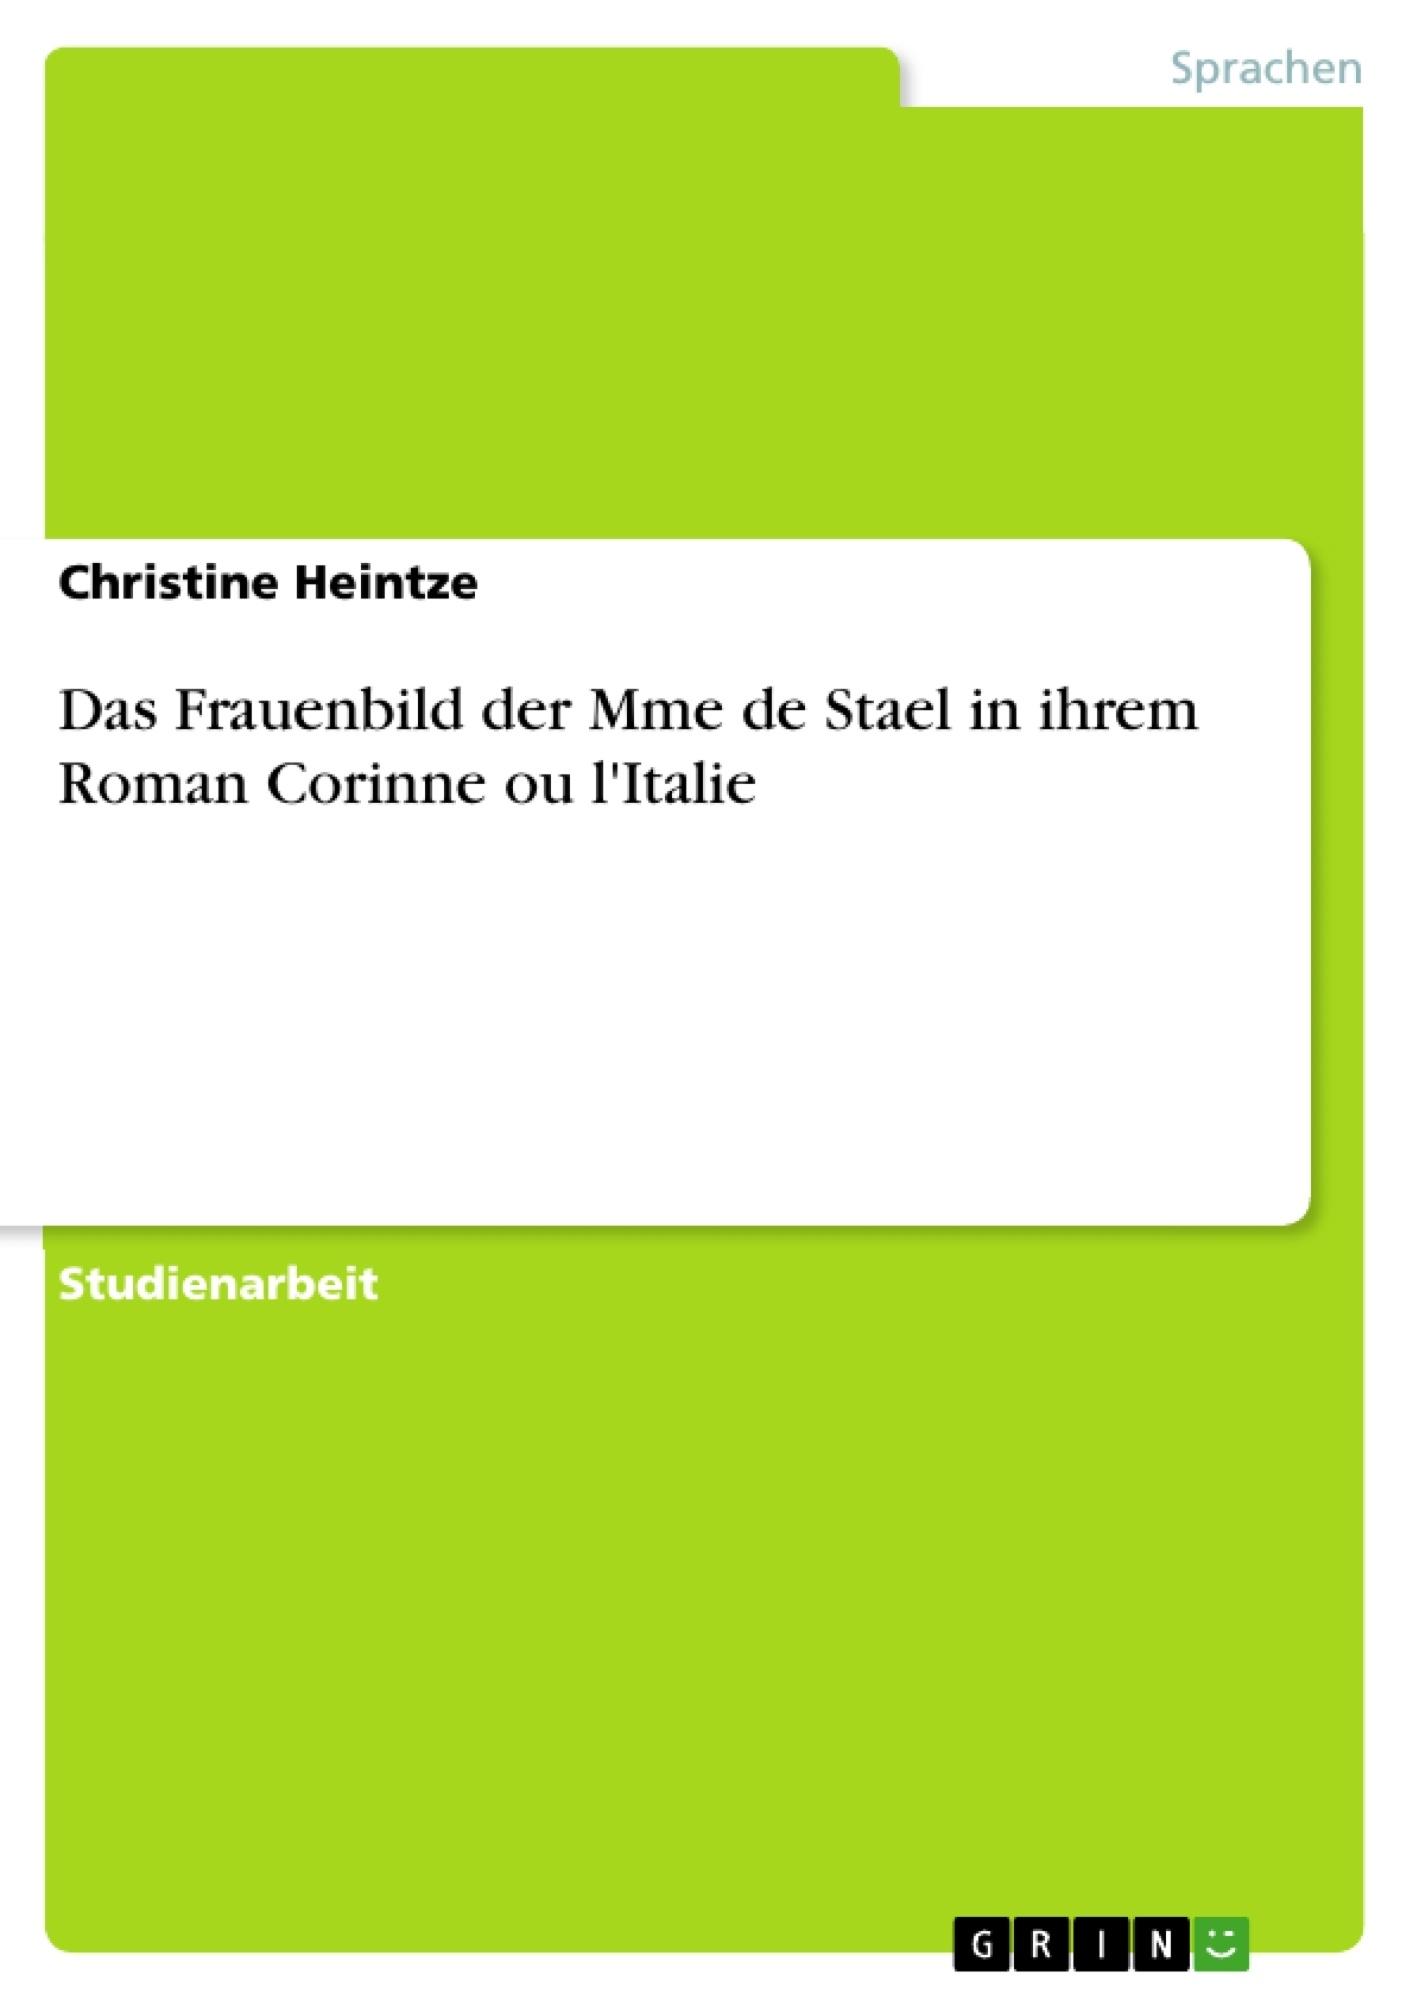 Titel: Das Frauenbild der Mme de Stael in ihrem Roman Corinne ou l'Italie